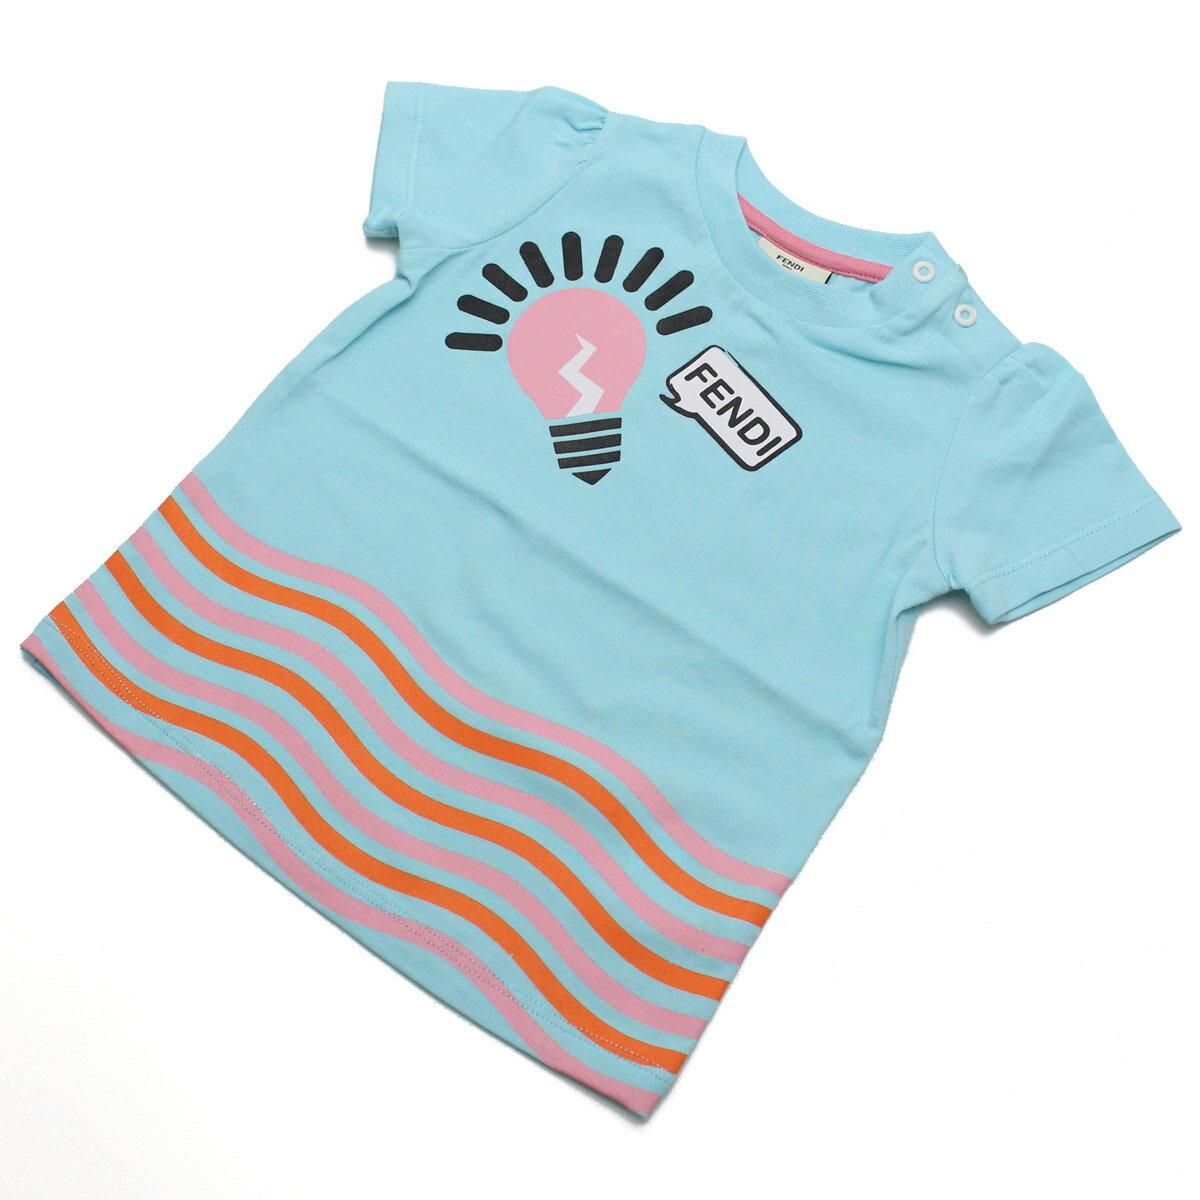 フェンディ (FENDI) ベビーTシャツ ベビー服 BFI032 ST8 F0QF4 ブルー系【キッズ・ベビー】